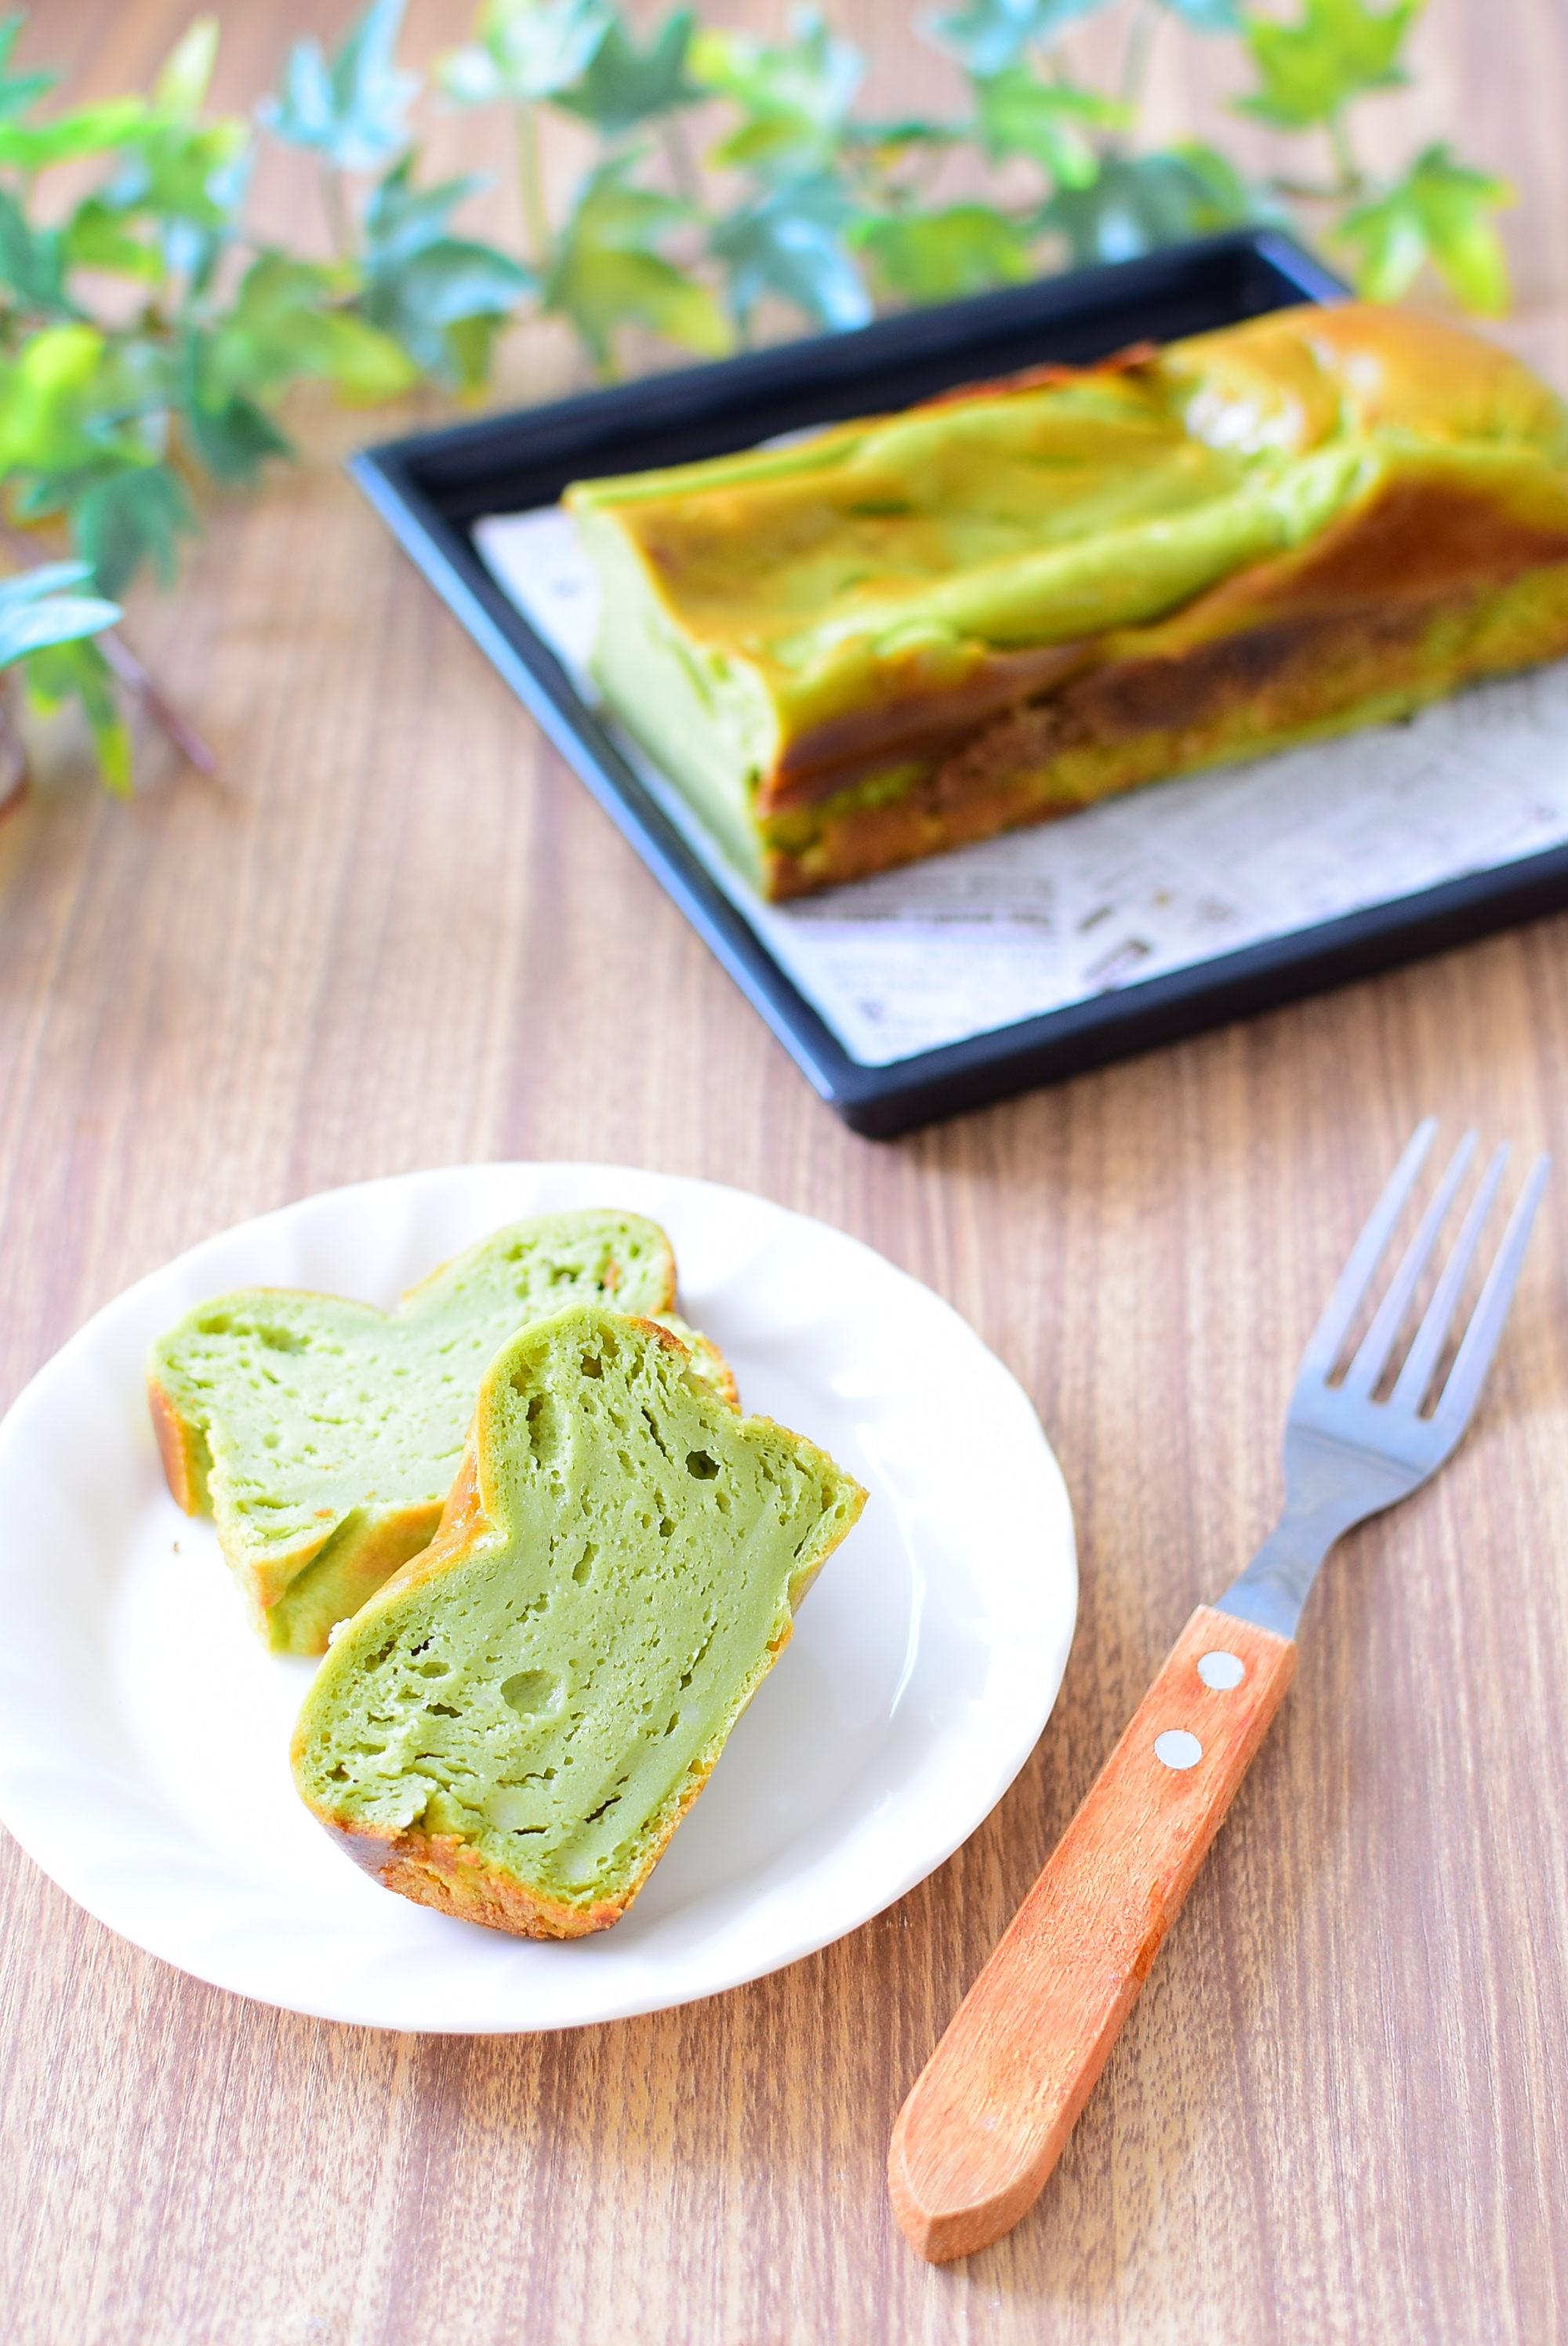 【豆腐入り】しっとり青汁バターケーキのレシピの写真